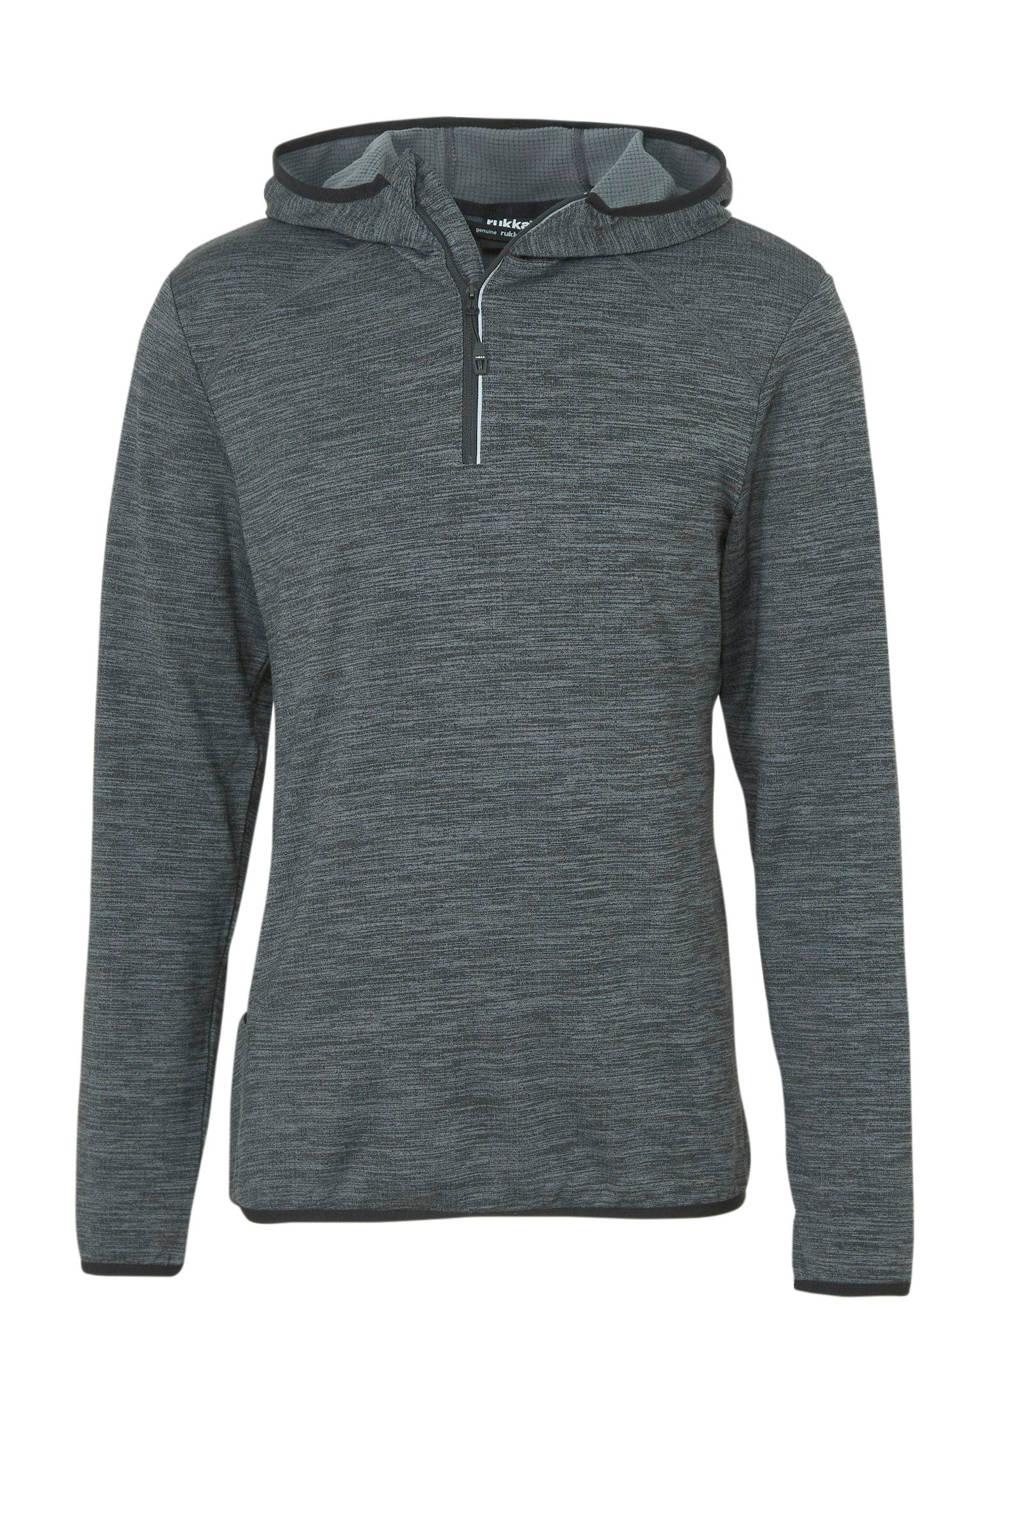 Rukka   hardloopsweater Majalahti antraciet, Antraciet